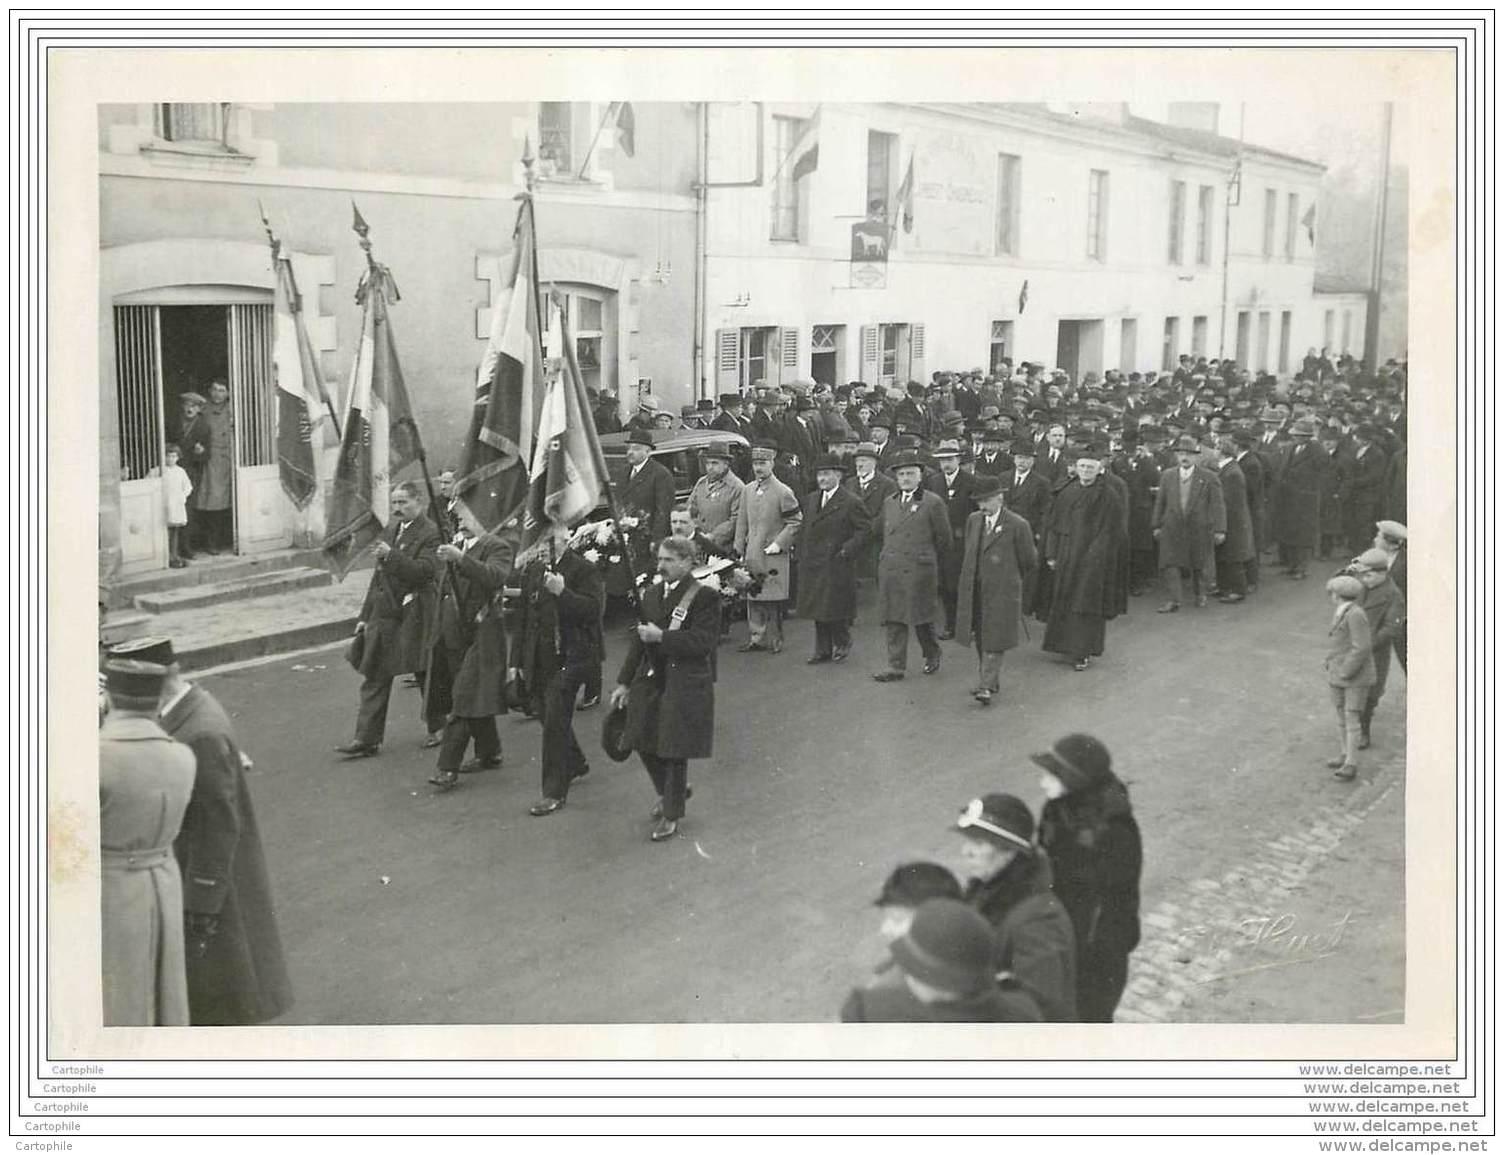 Photo D'un Defile Militaire Dans Une Rue De Haute Goulaine (44) En 1932 - Guerra, Militari